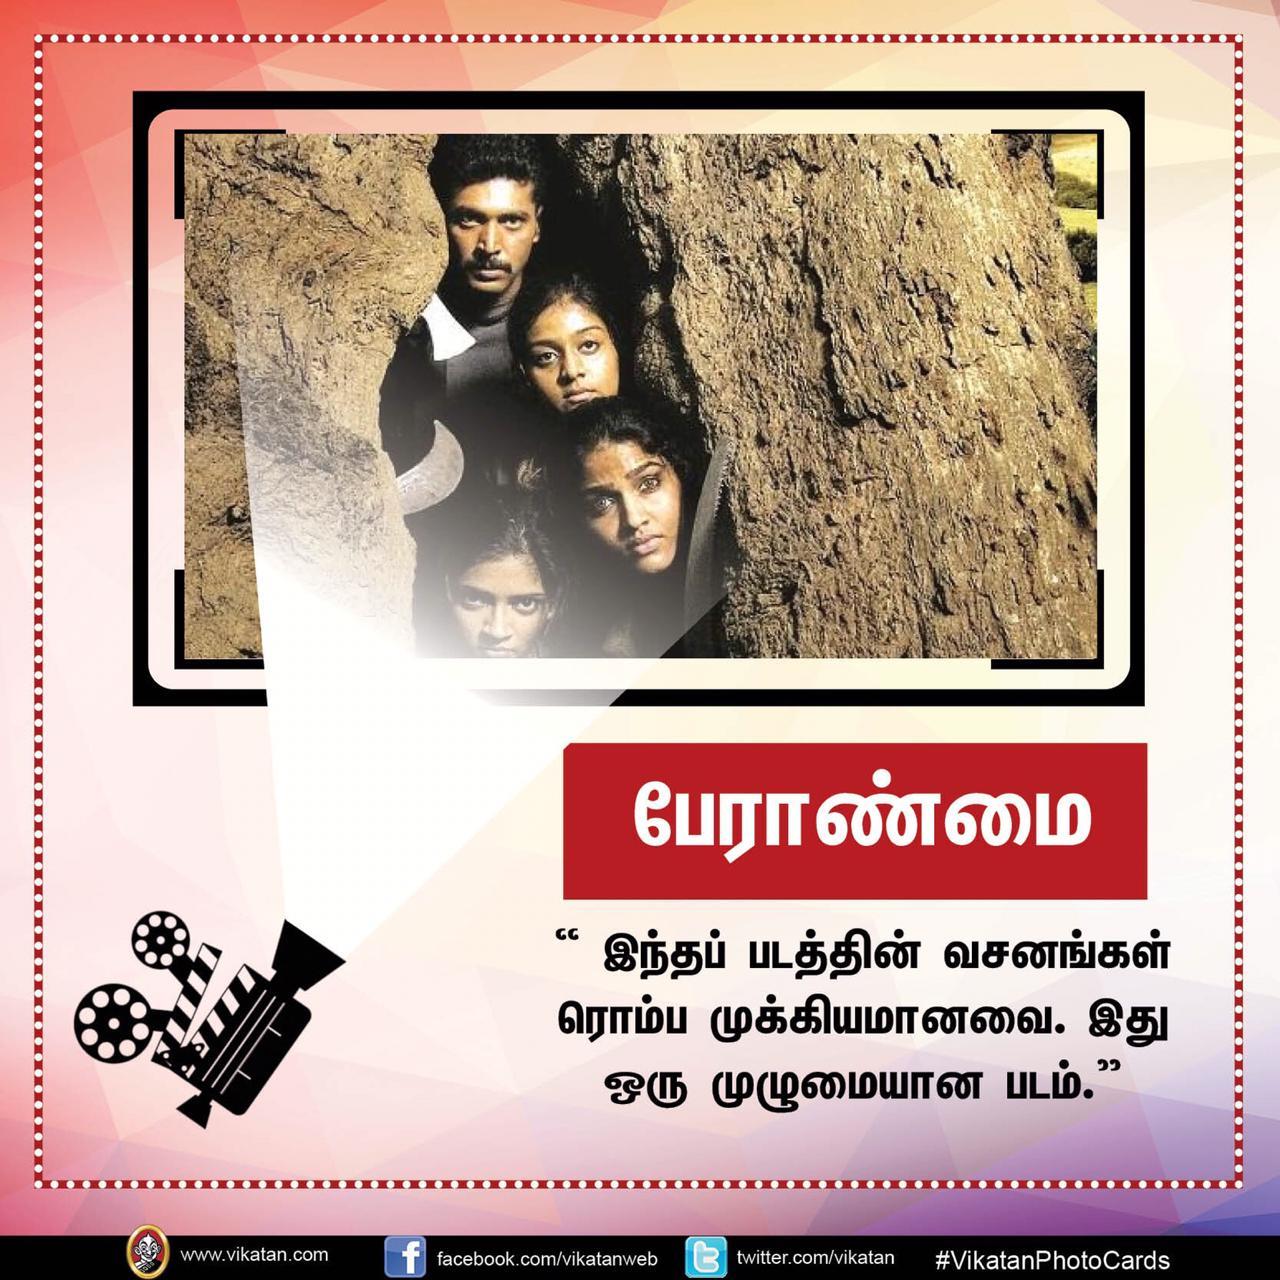 தனது '25 படங்கள்' பற்றி நடிகர் 'ஜெயம்' ரவியின் சுவாரஸ்ய ஒரு வரி கமென்ட்ஸ்! #VikatanPhotoCards